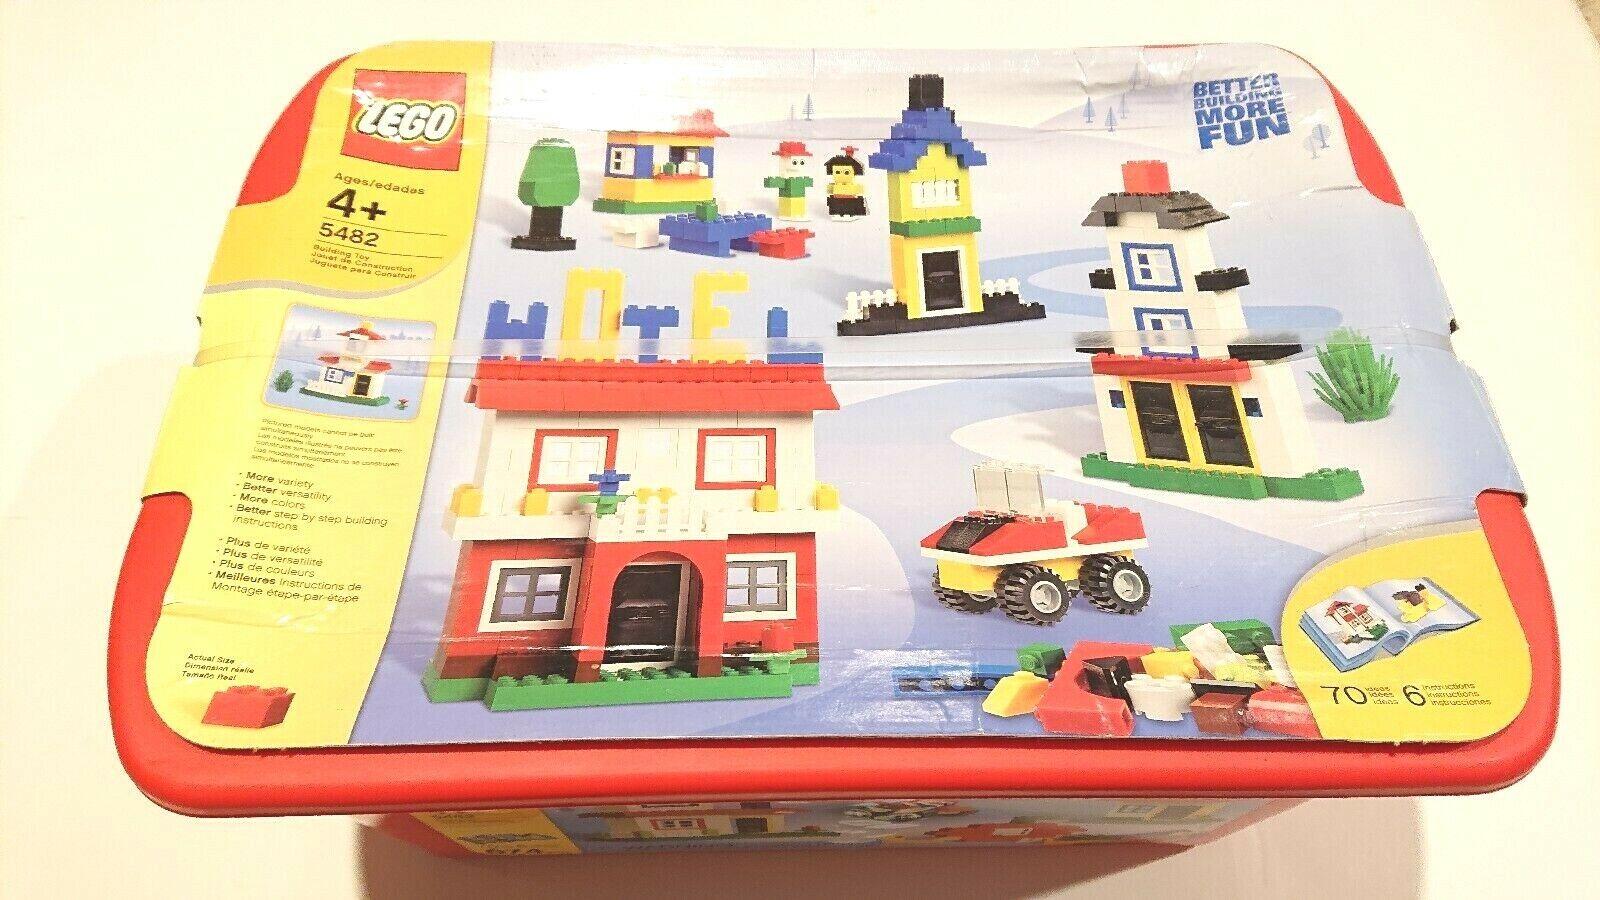 prezzi bassi Lego 5482 Ultimate House costruzione Set (Bre nuovo & & & Sealed)  incredibili sconti